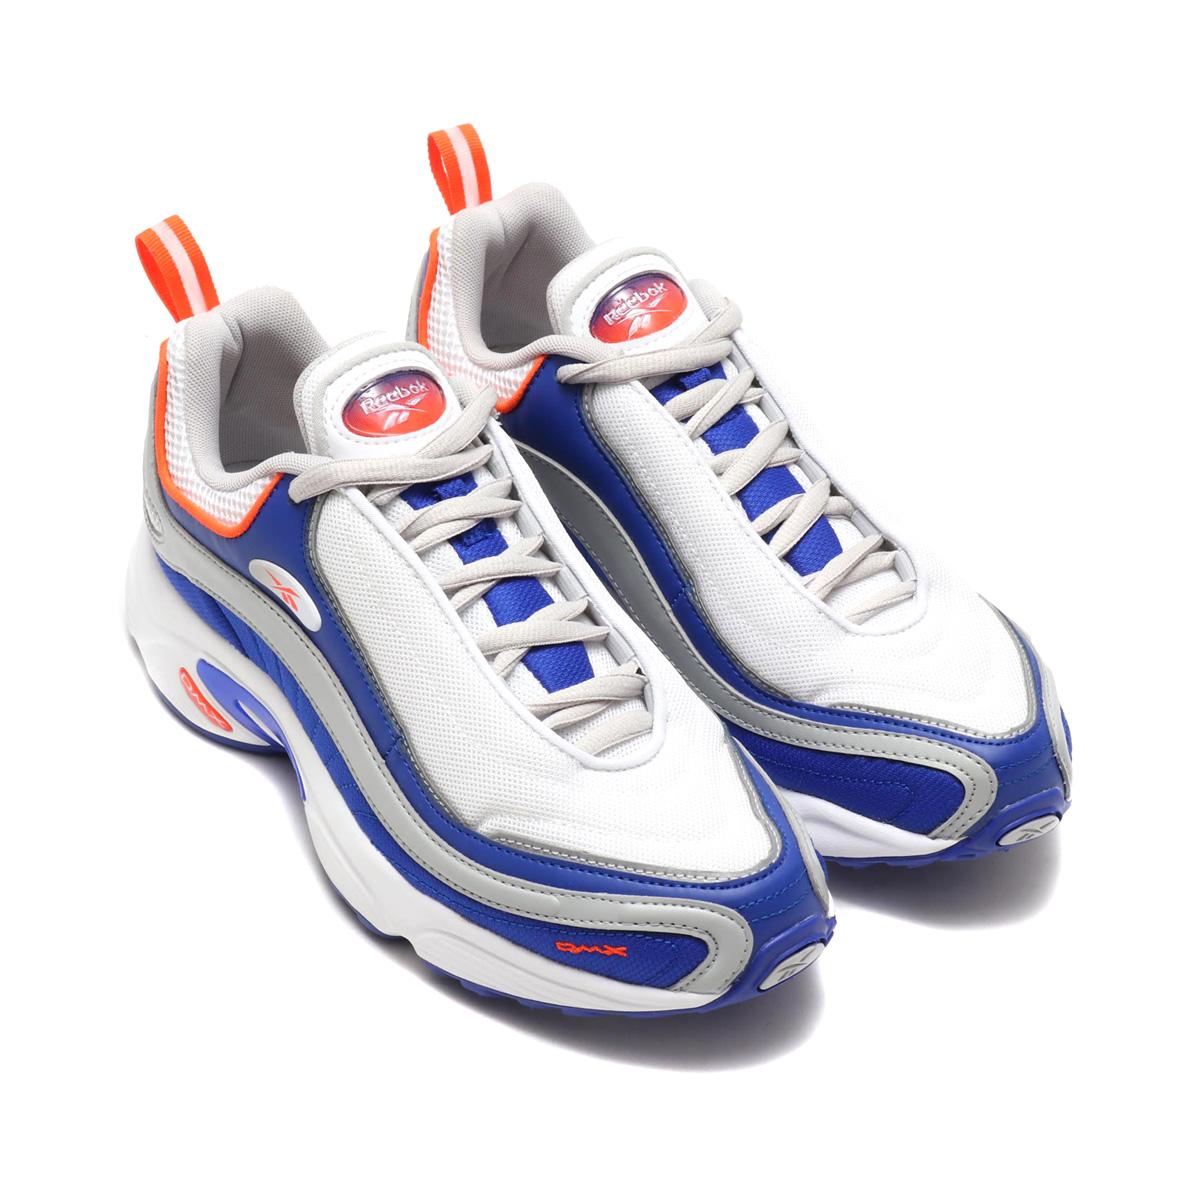 Reebok DAYTONA DMX SC (リーボック デイトナ DMX SC) (WHITE/BLUE MOVE/SKULL GRAY/BRIGHT LAVA)18FA-I